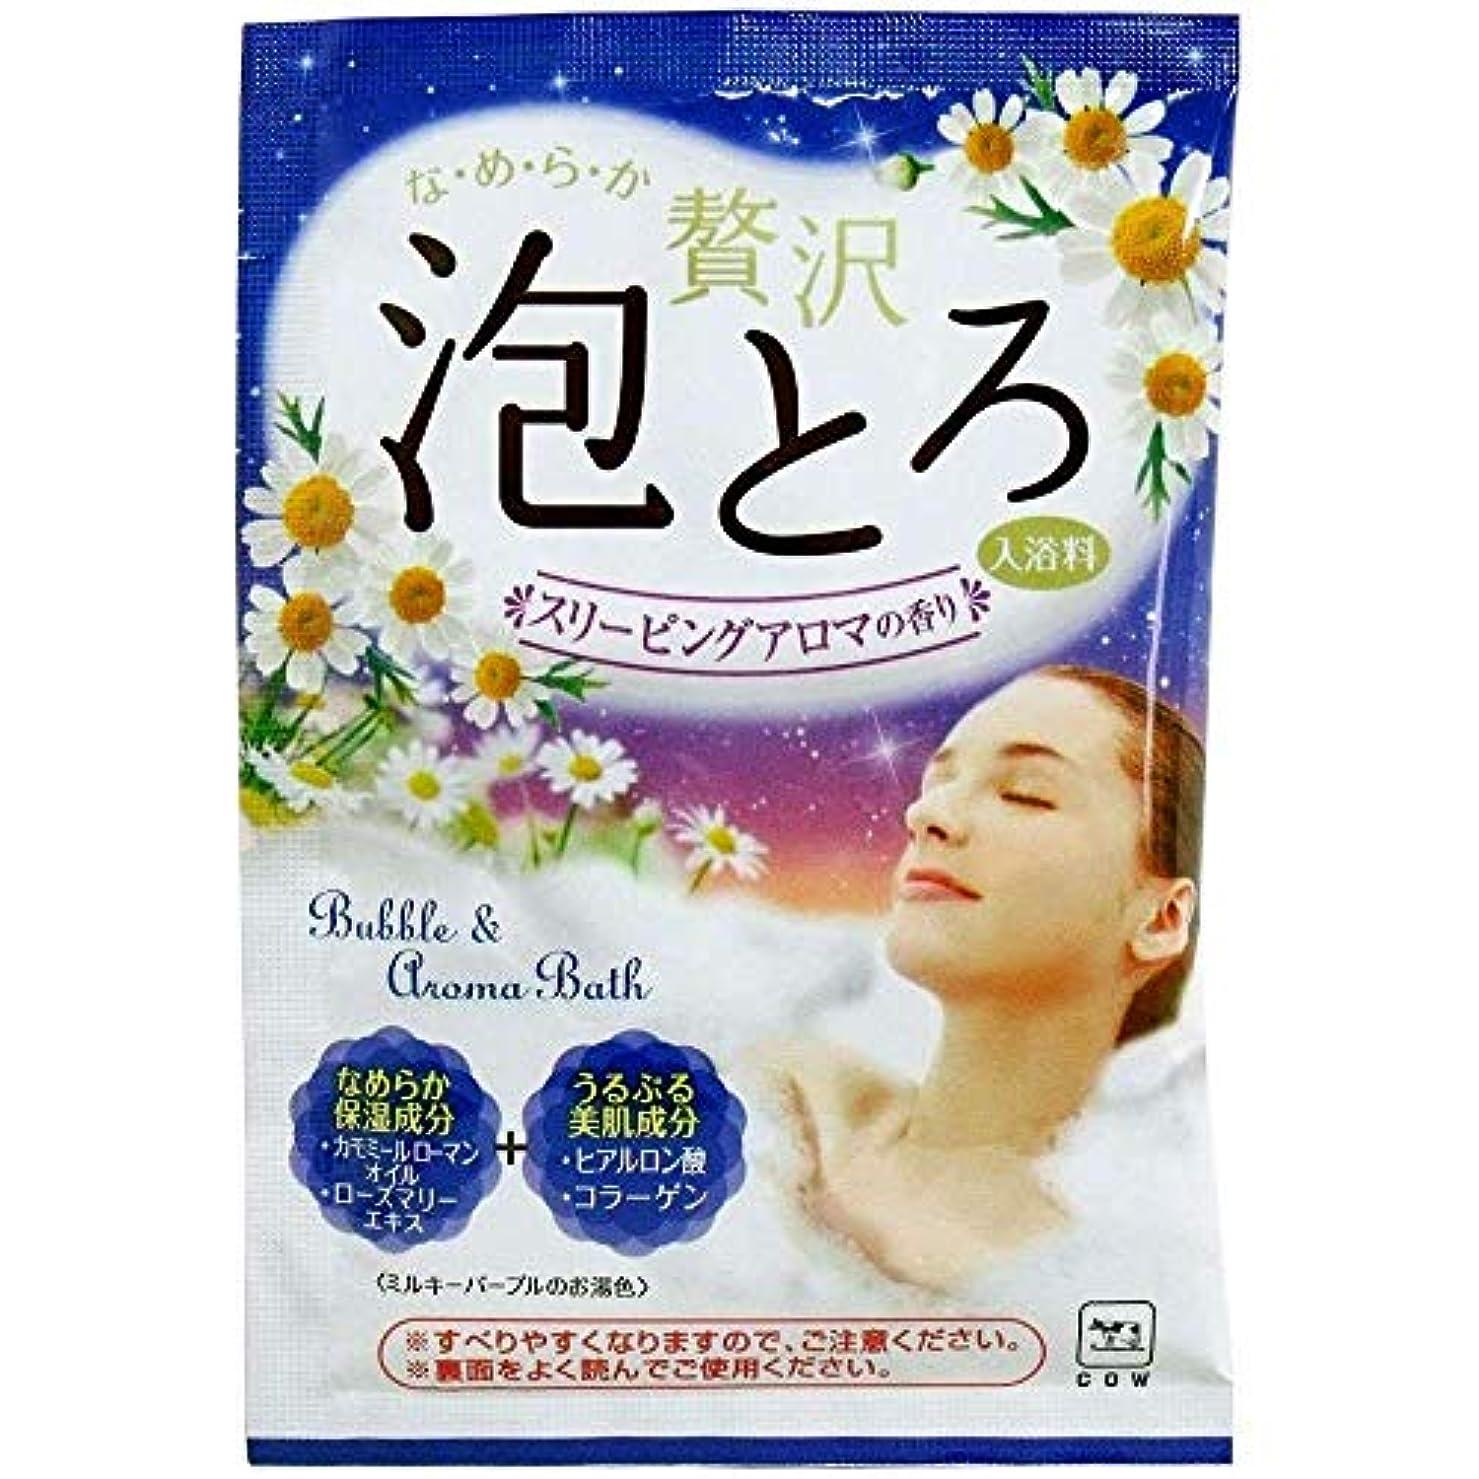 育成ルート耐久牛乳石鹸共進社 お湯物語 贅沢泡とろ 入浴料 スリーピングアロマの香り 30g (2個)